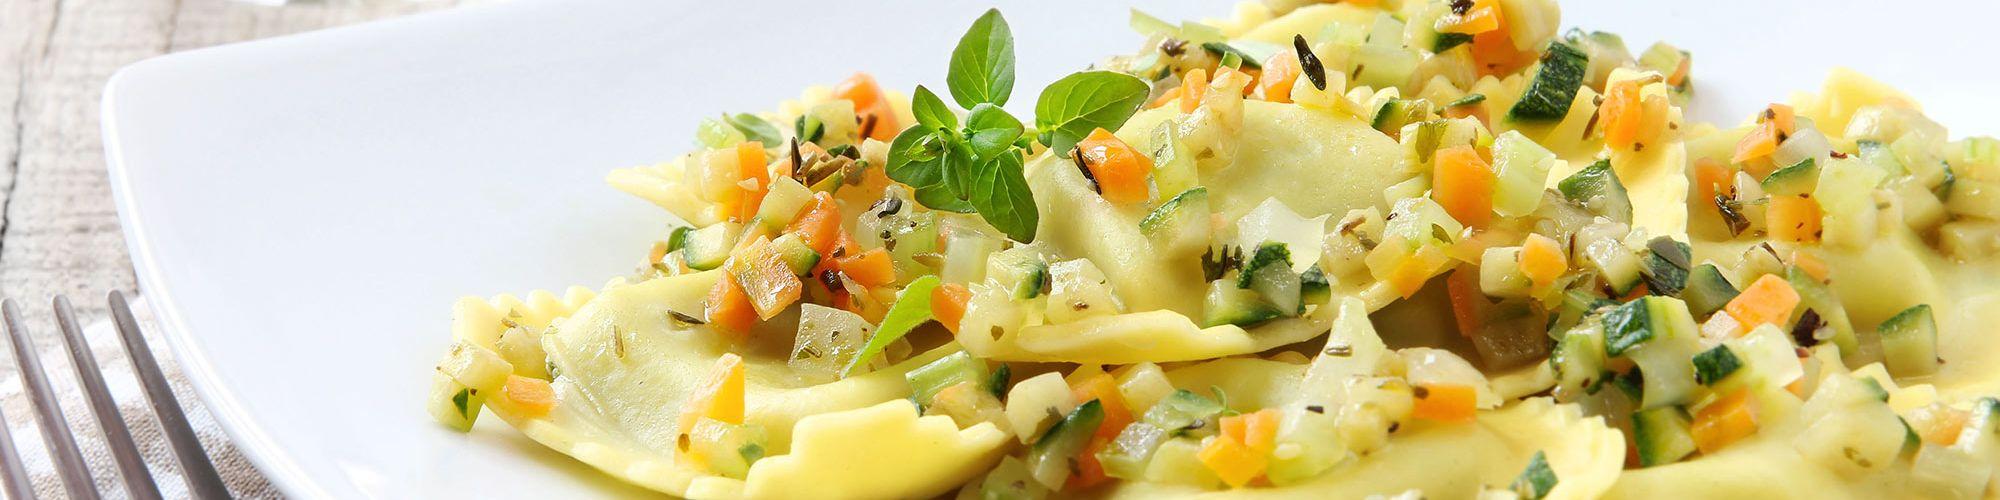 ricetta Ravioloni con dadini di verdure con pasta fresca